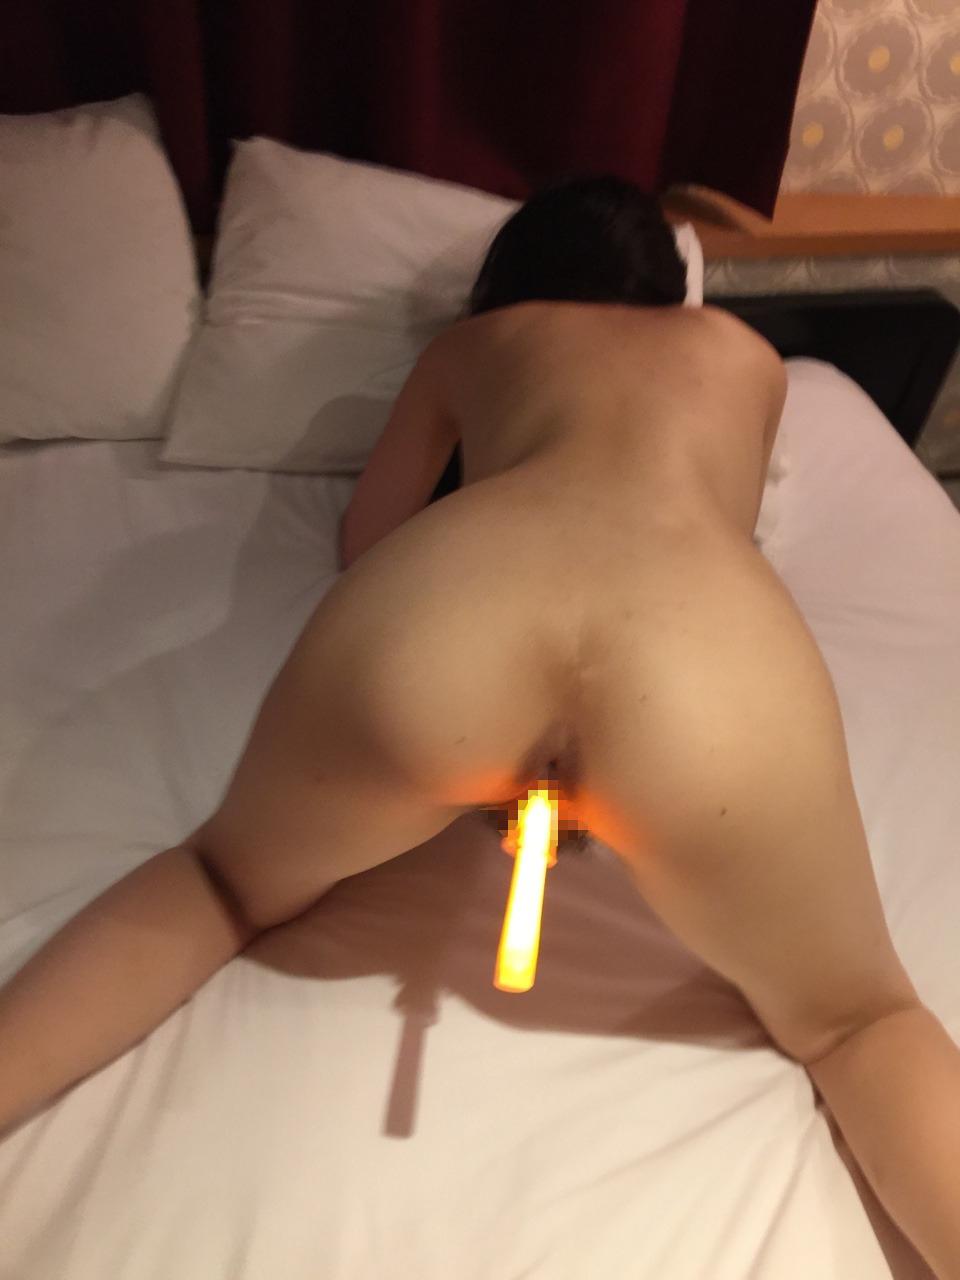 22歳セフレのマ○コに光る棒を挿入してるプライベートヌード画像 7